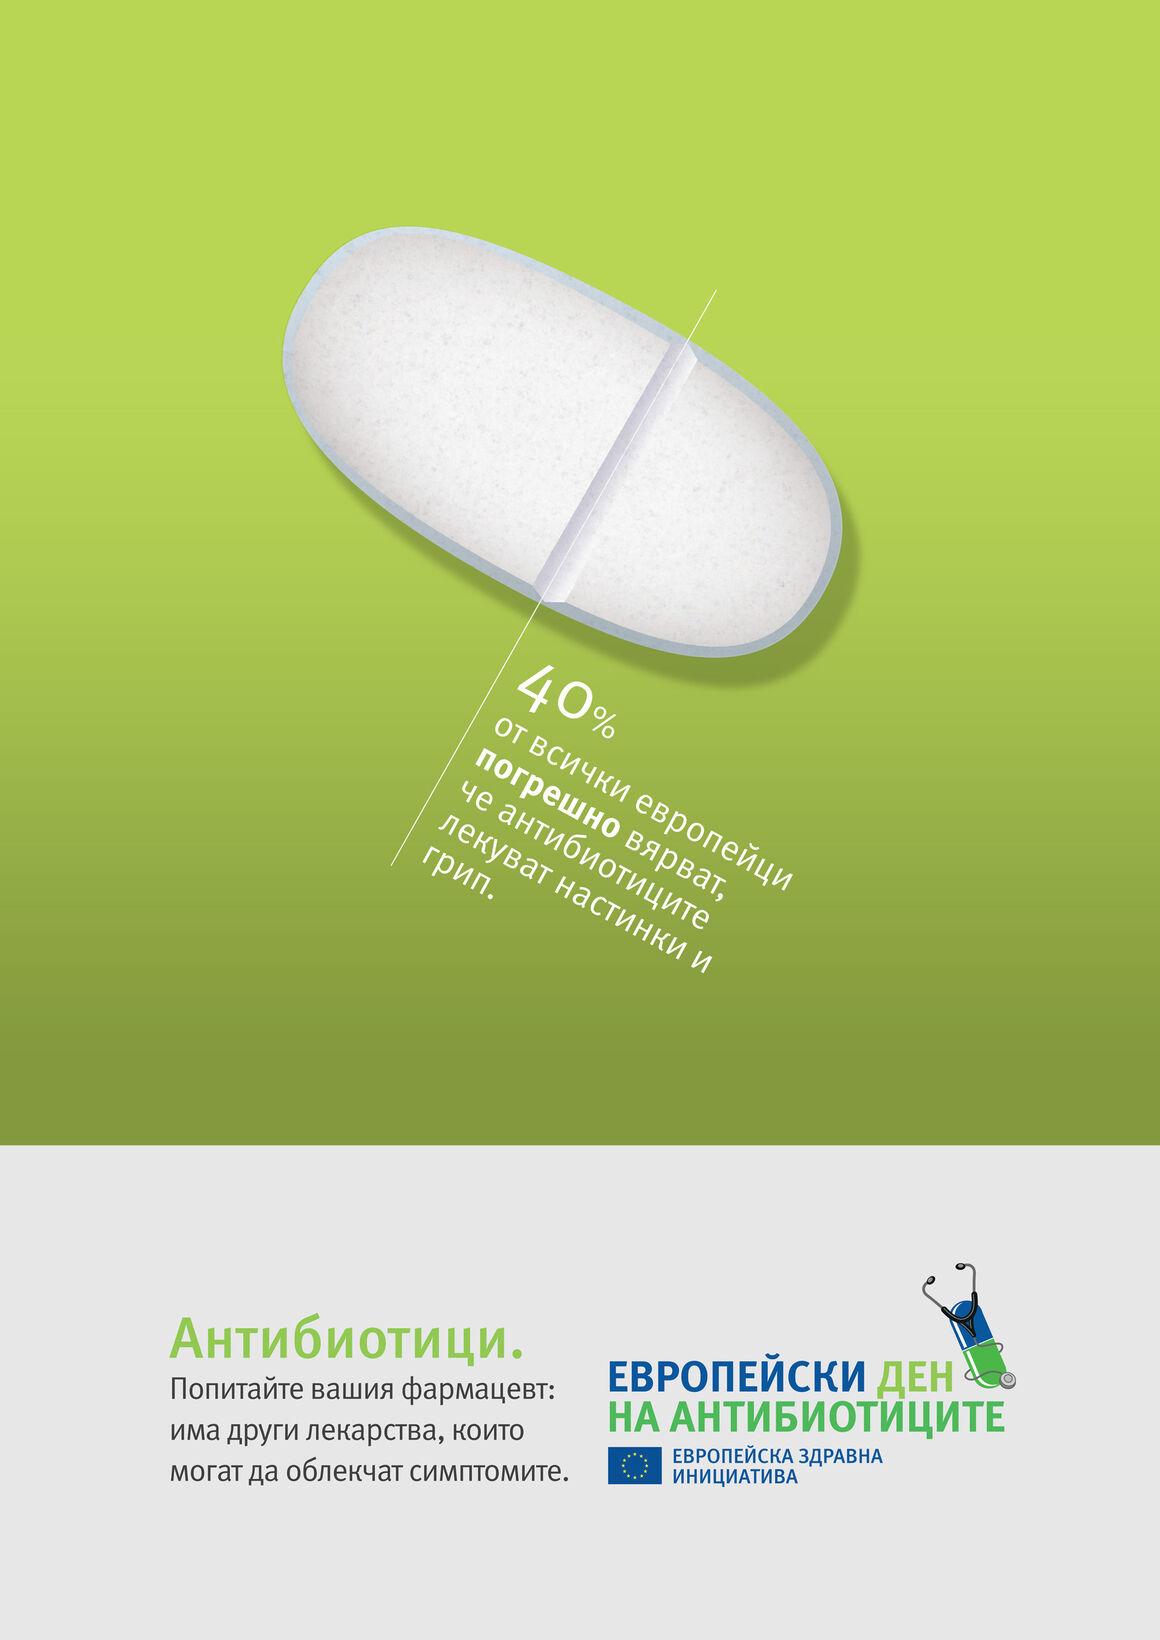 EAAD-2014-antibiotics-self-medication-poster-1-3BG